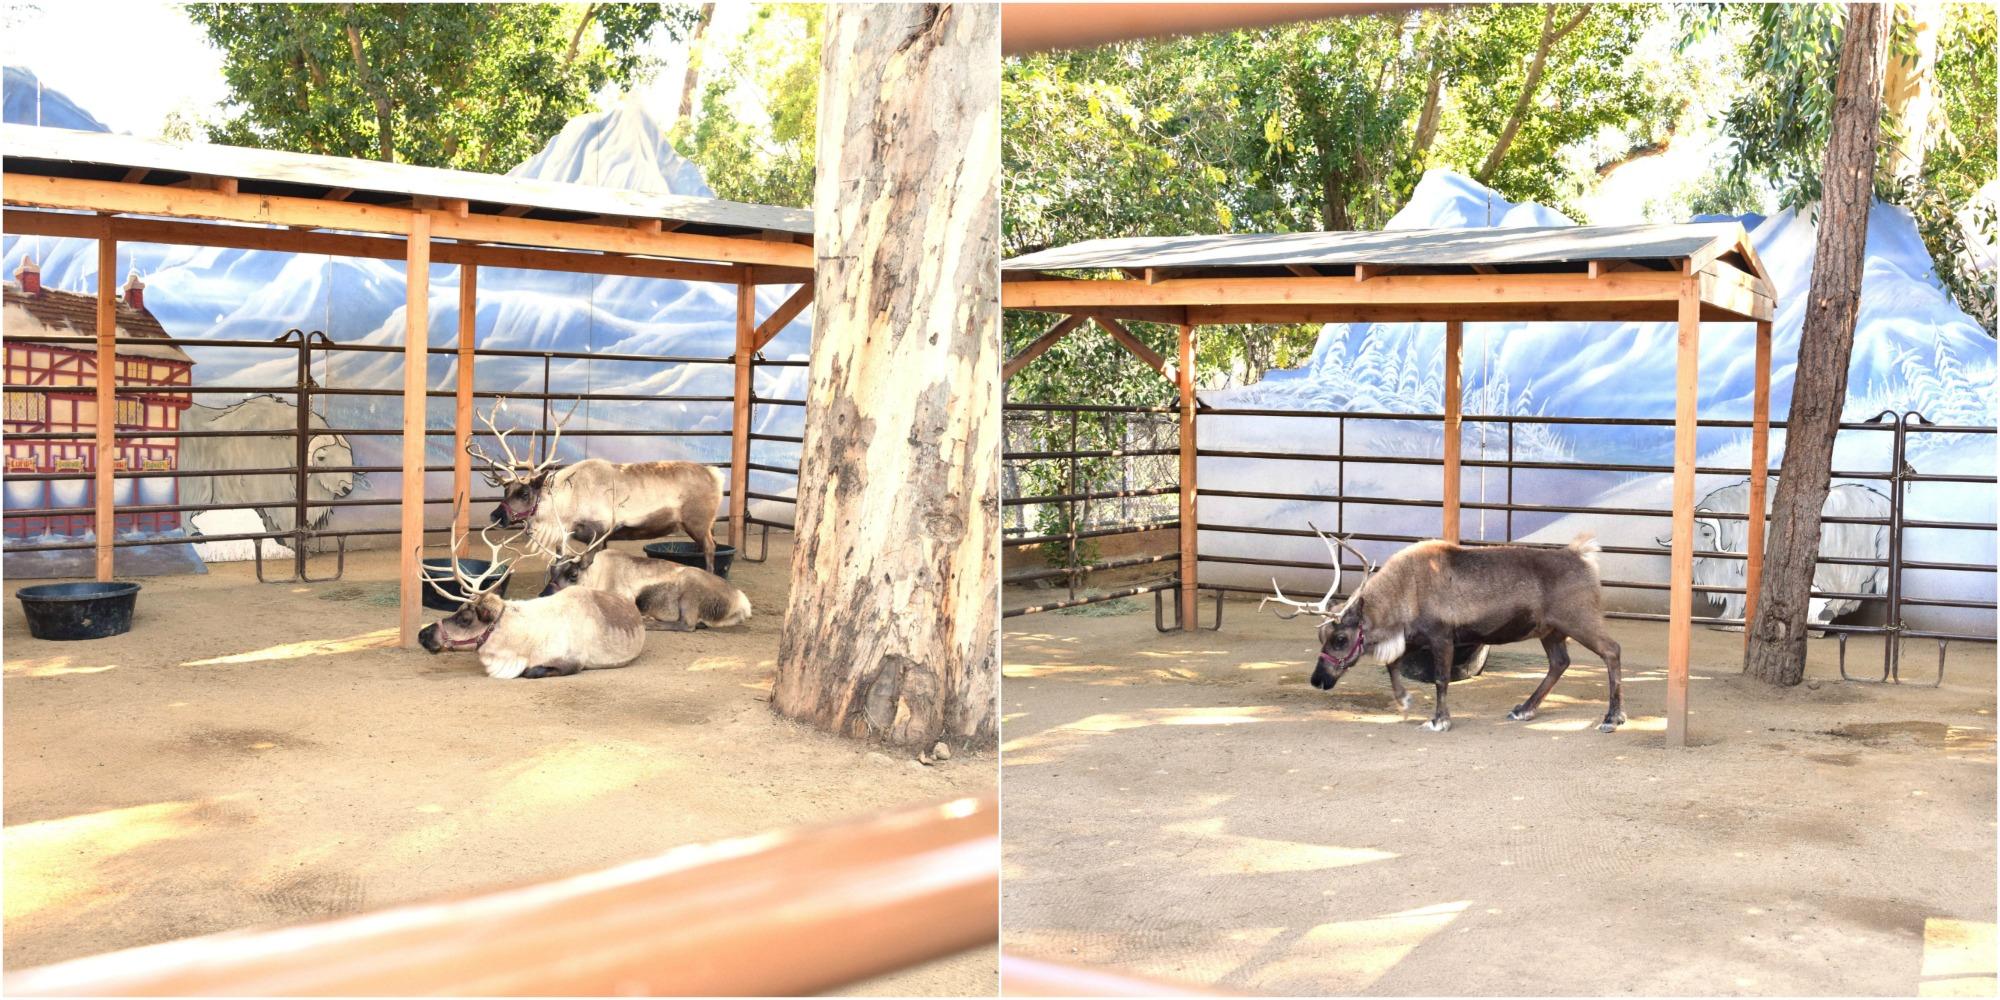 Live reindeer at the LA Zoo #ReindeerRompLA